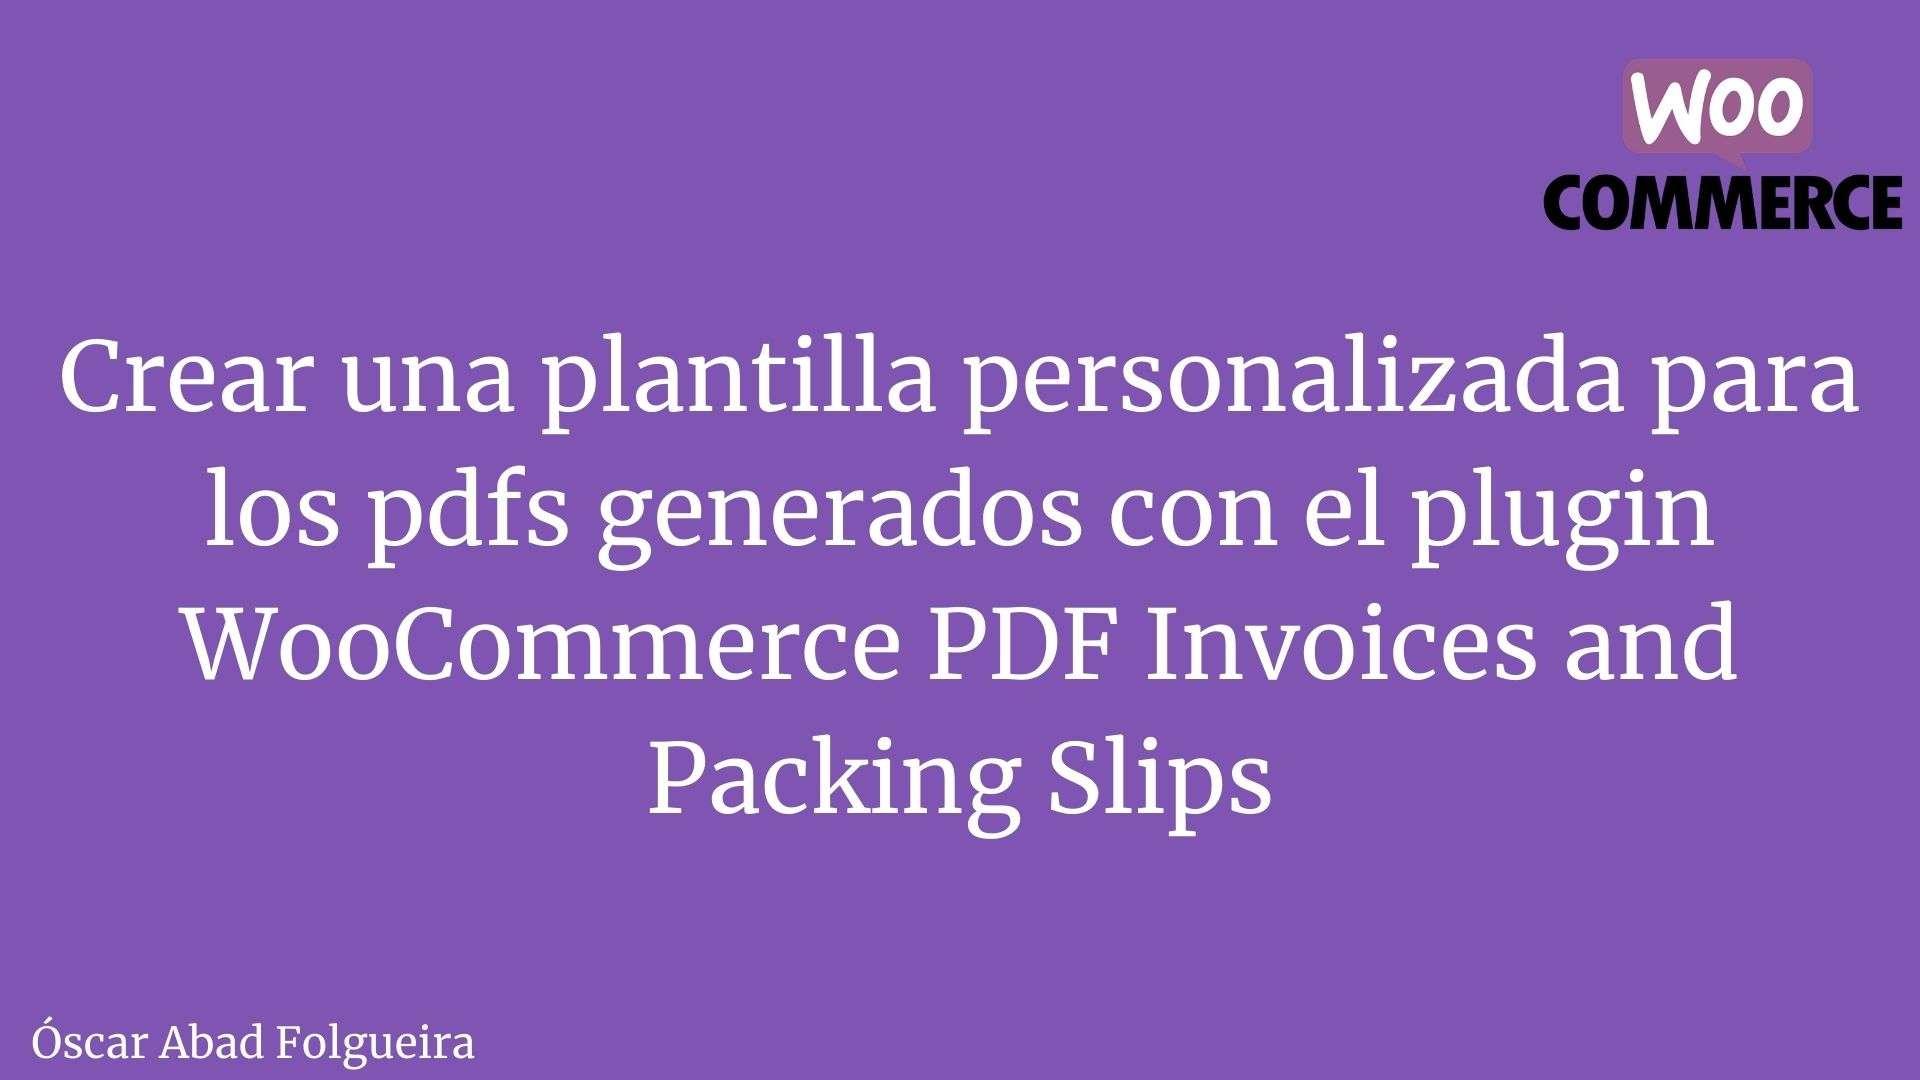 Crear una plantilla personalizada para los pdfs generados con el plugin WooCommerce PDF Invoices and Packing Slips